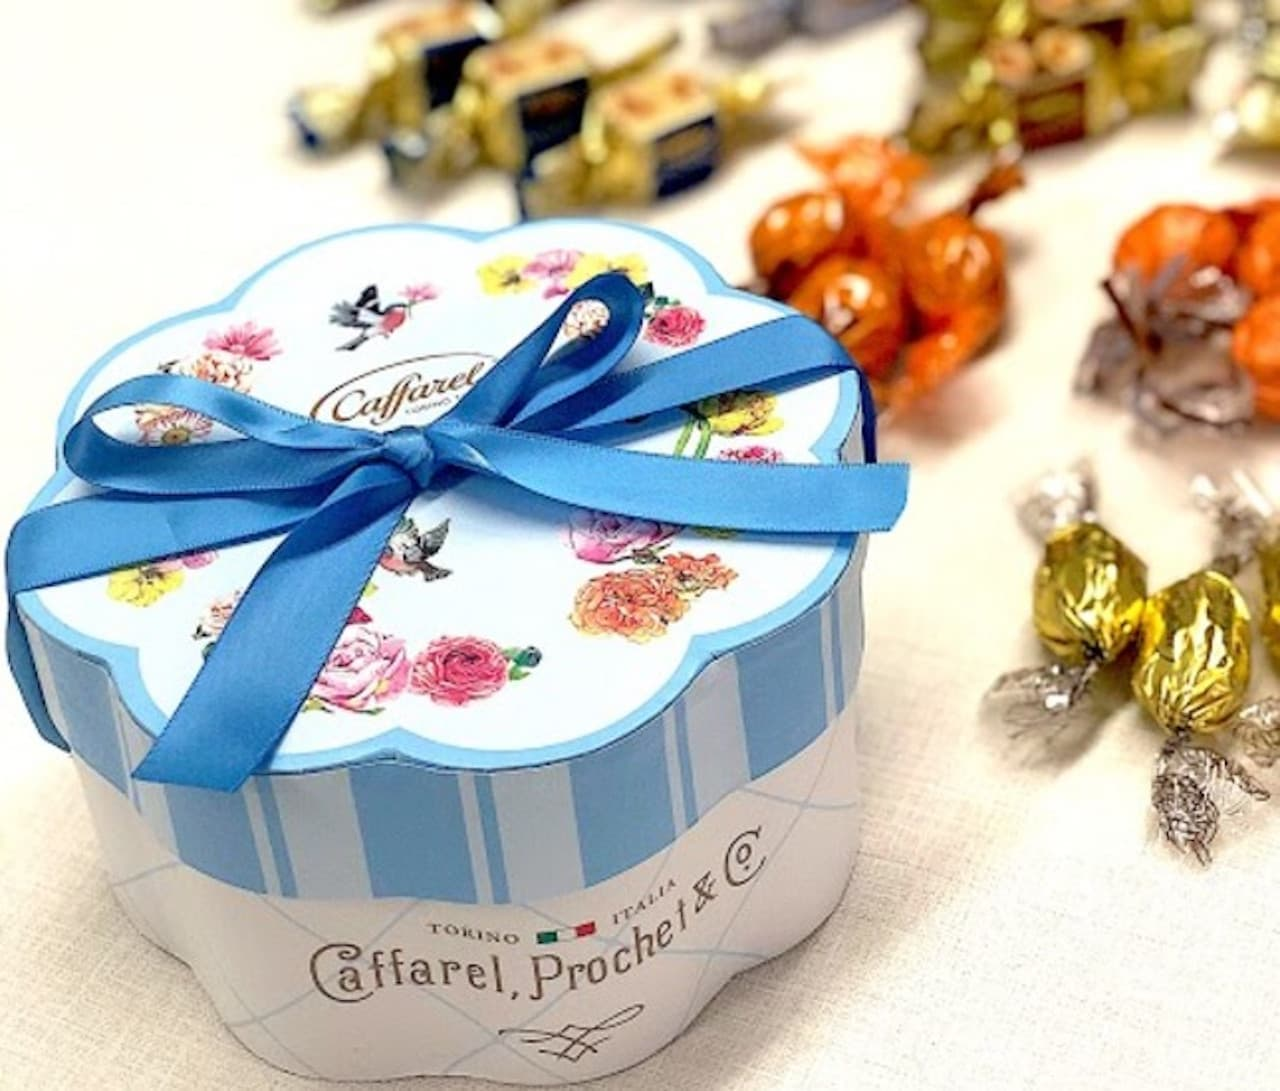 カファレルから花モチーフパッケージが美しいギフトシリーズ